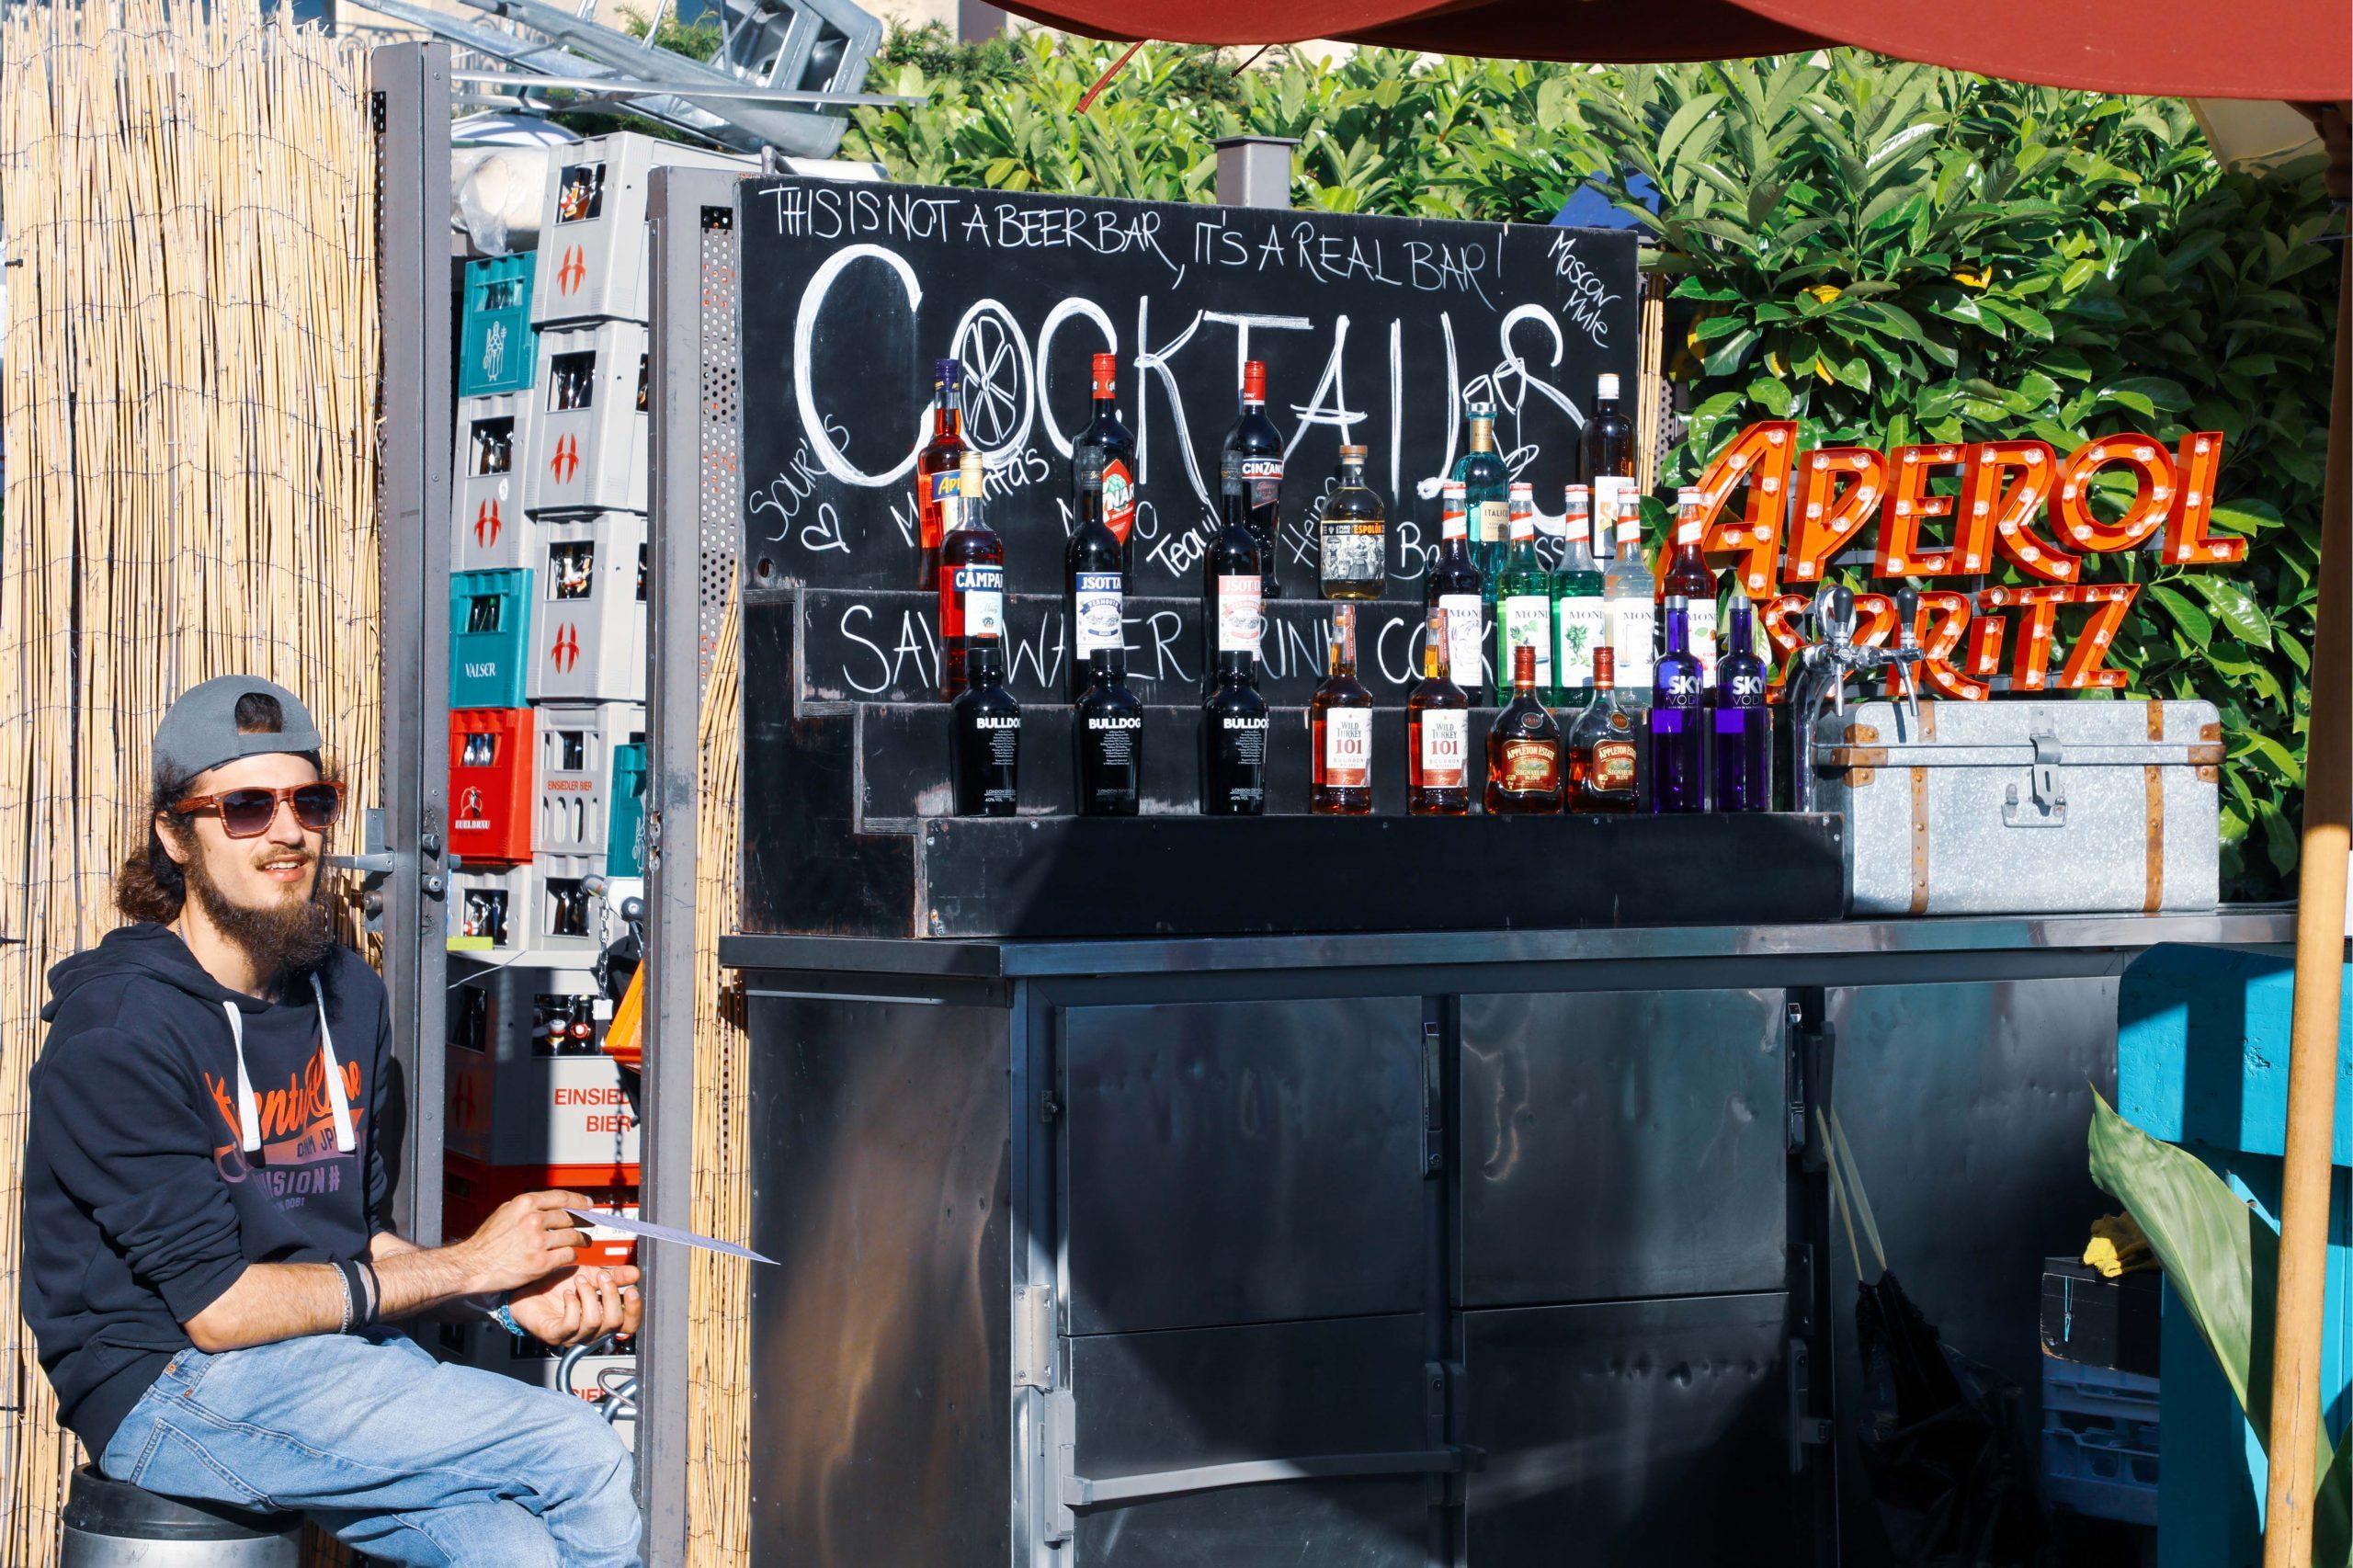 outside bar in Switzerland